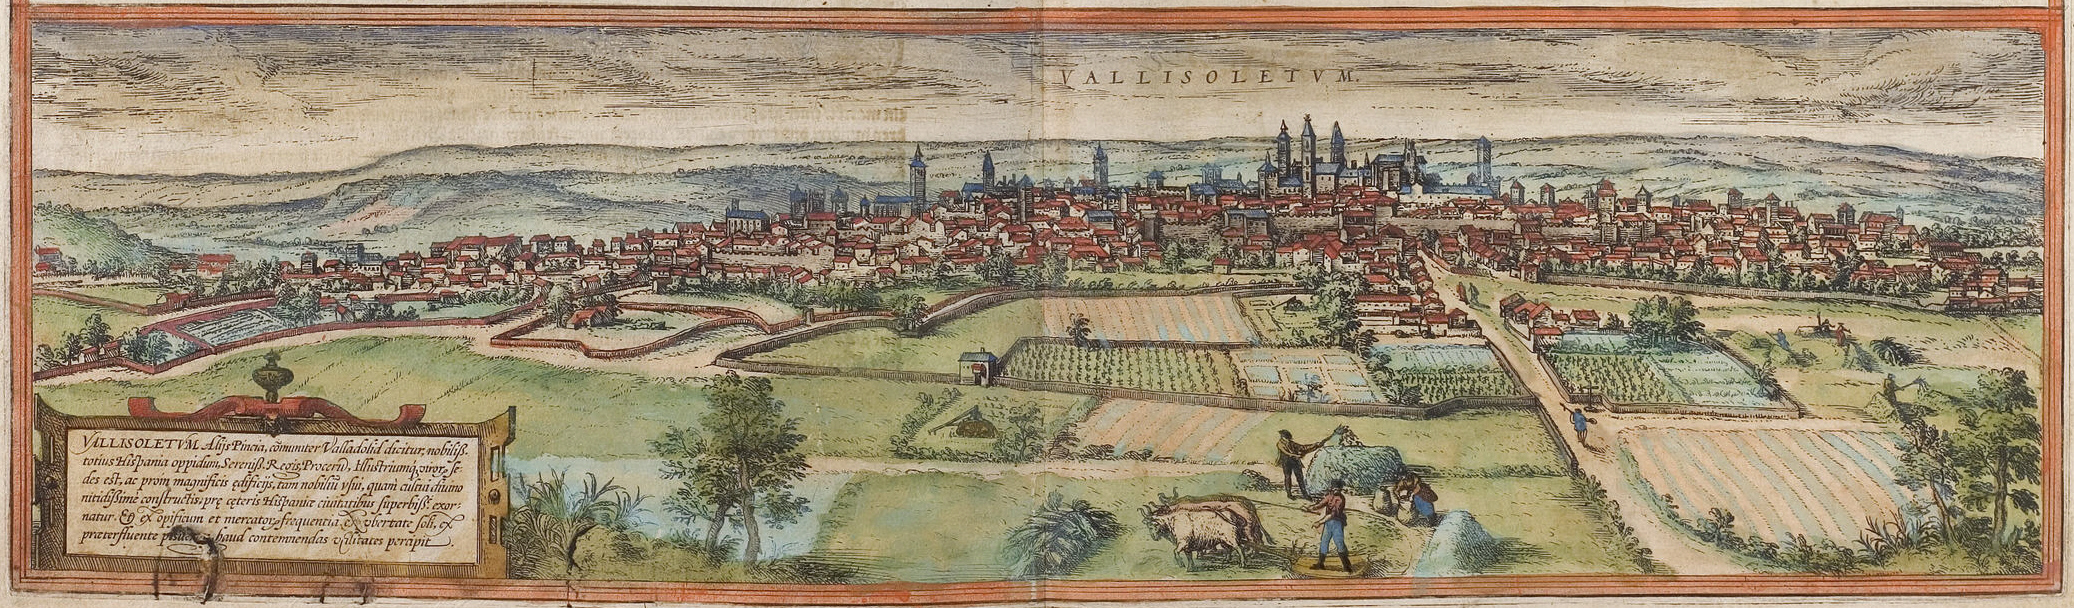 Principais desenvolvimentos de 1550 e notas sobre o cristianismo e a escravidão 5